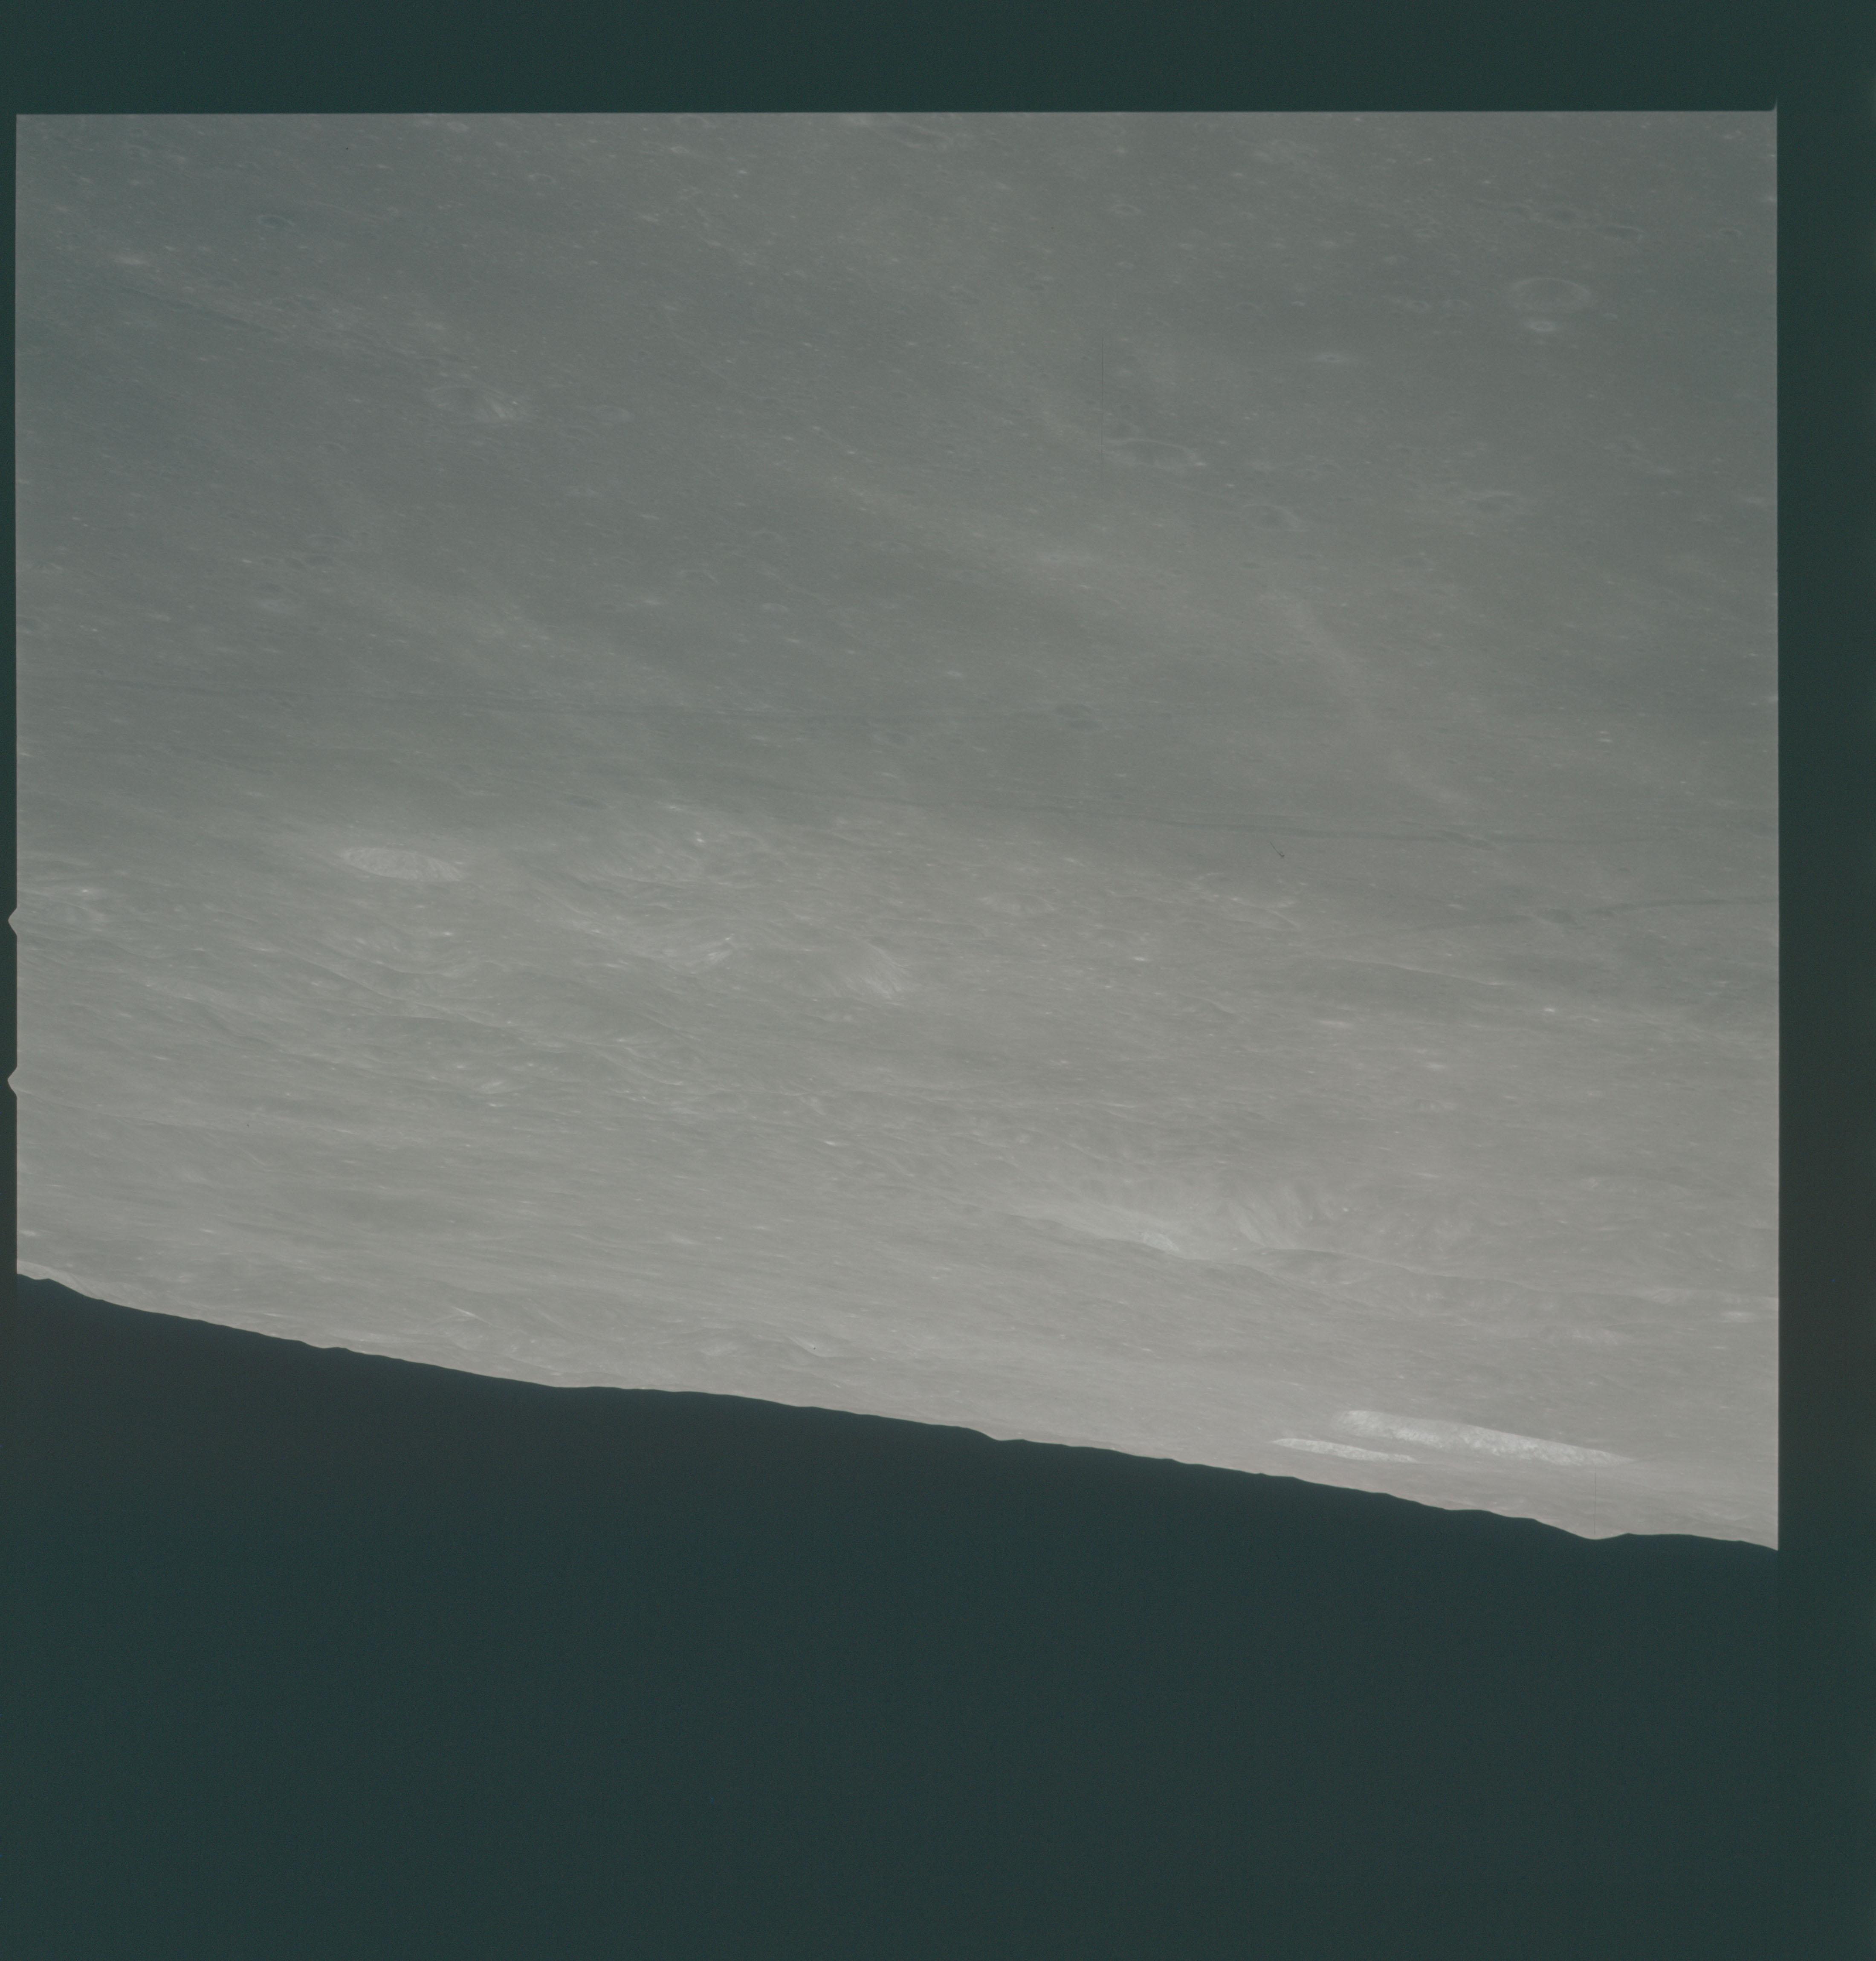 AS15-93-12673 - Apollo 15 - Apollo 15 Mission image - View of Hypatia Rilles